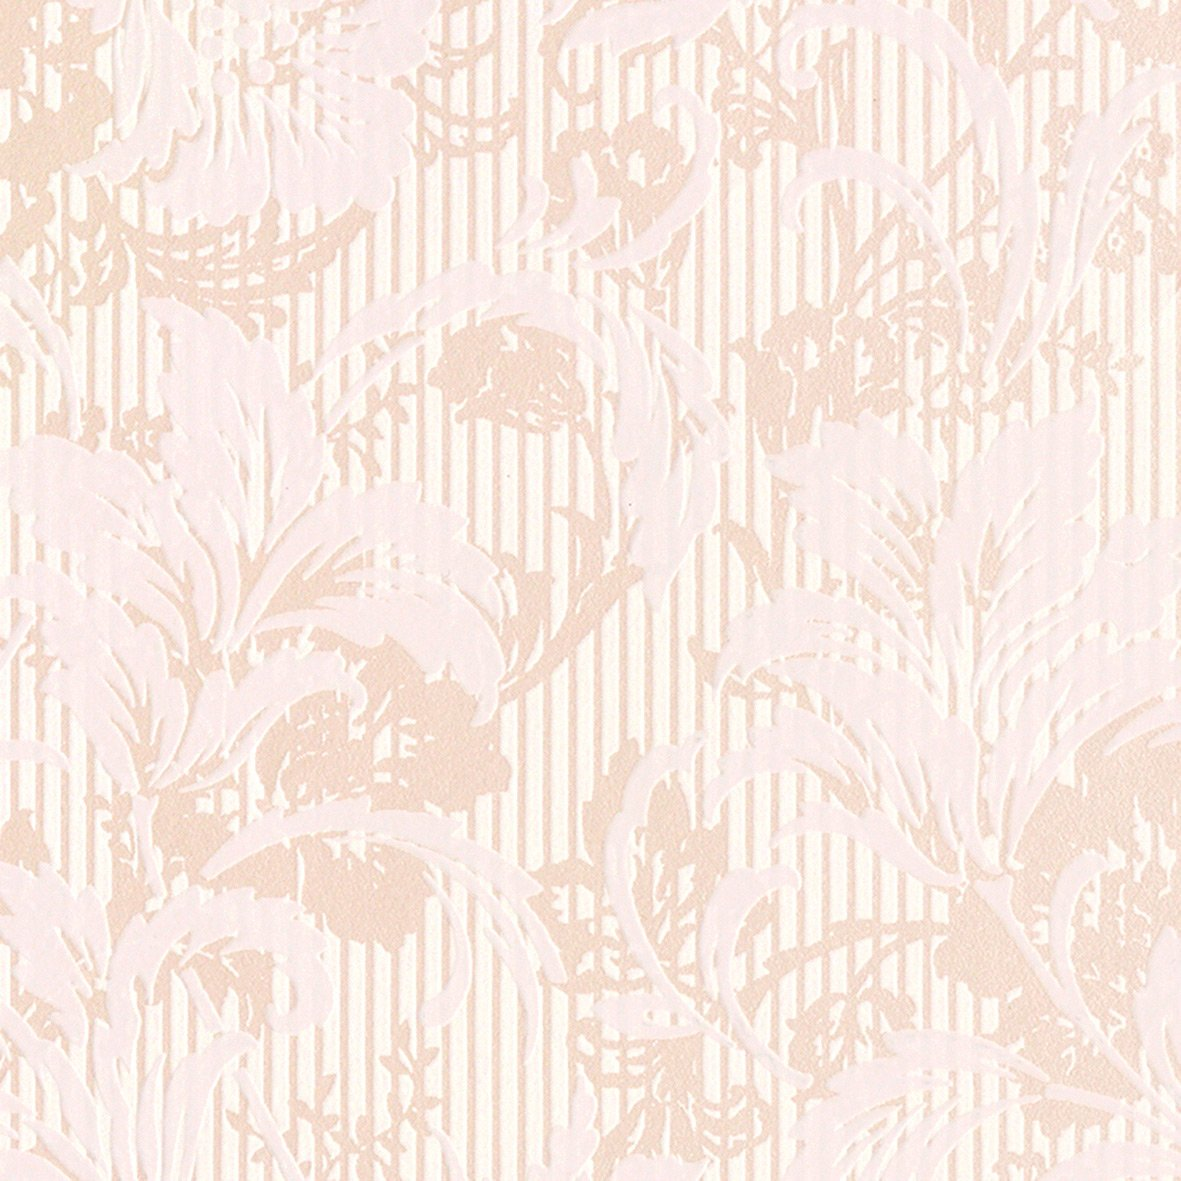 リリカラ 壁紙40m フェミニン 花柄 ピンク 水廻り LV-6238 B01IHQZMXI 40m|ピンク